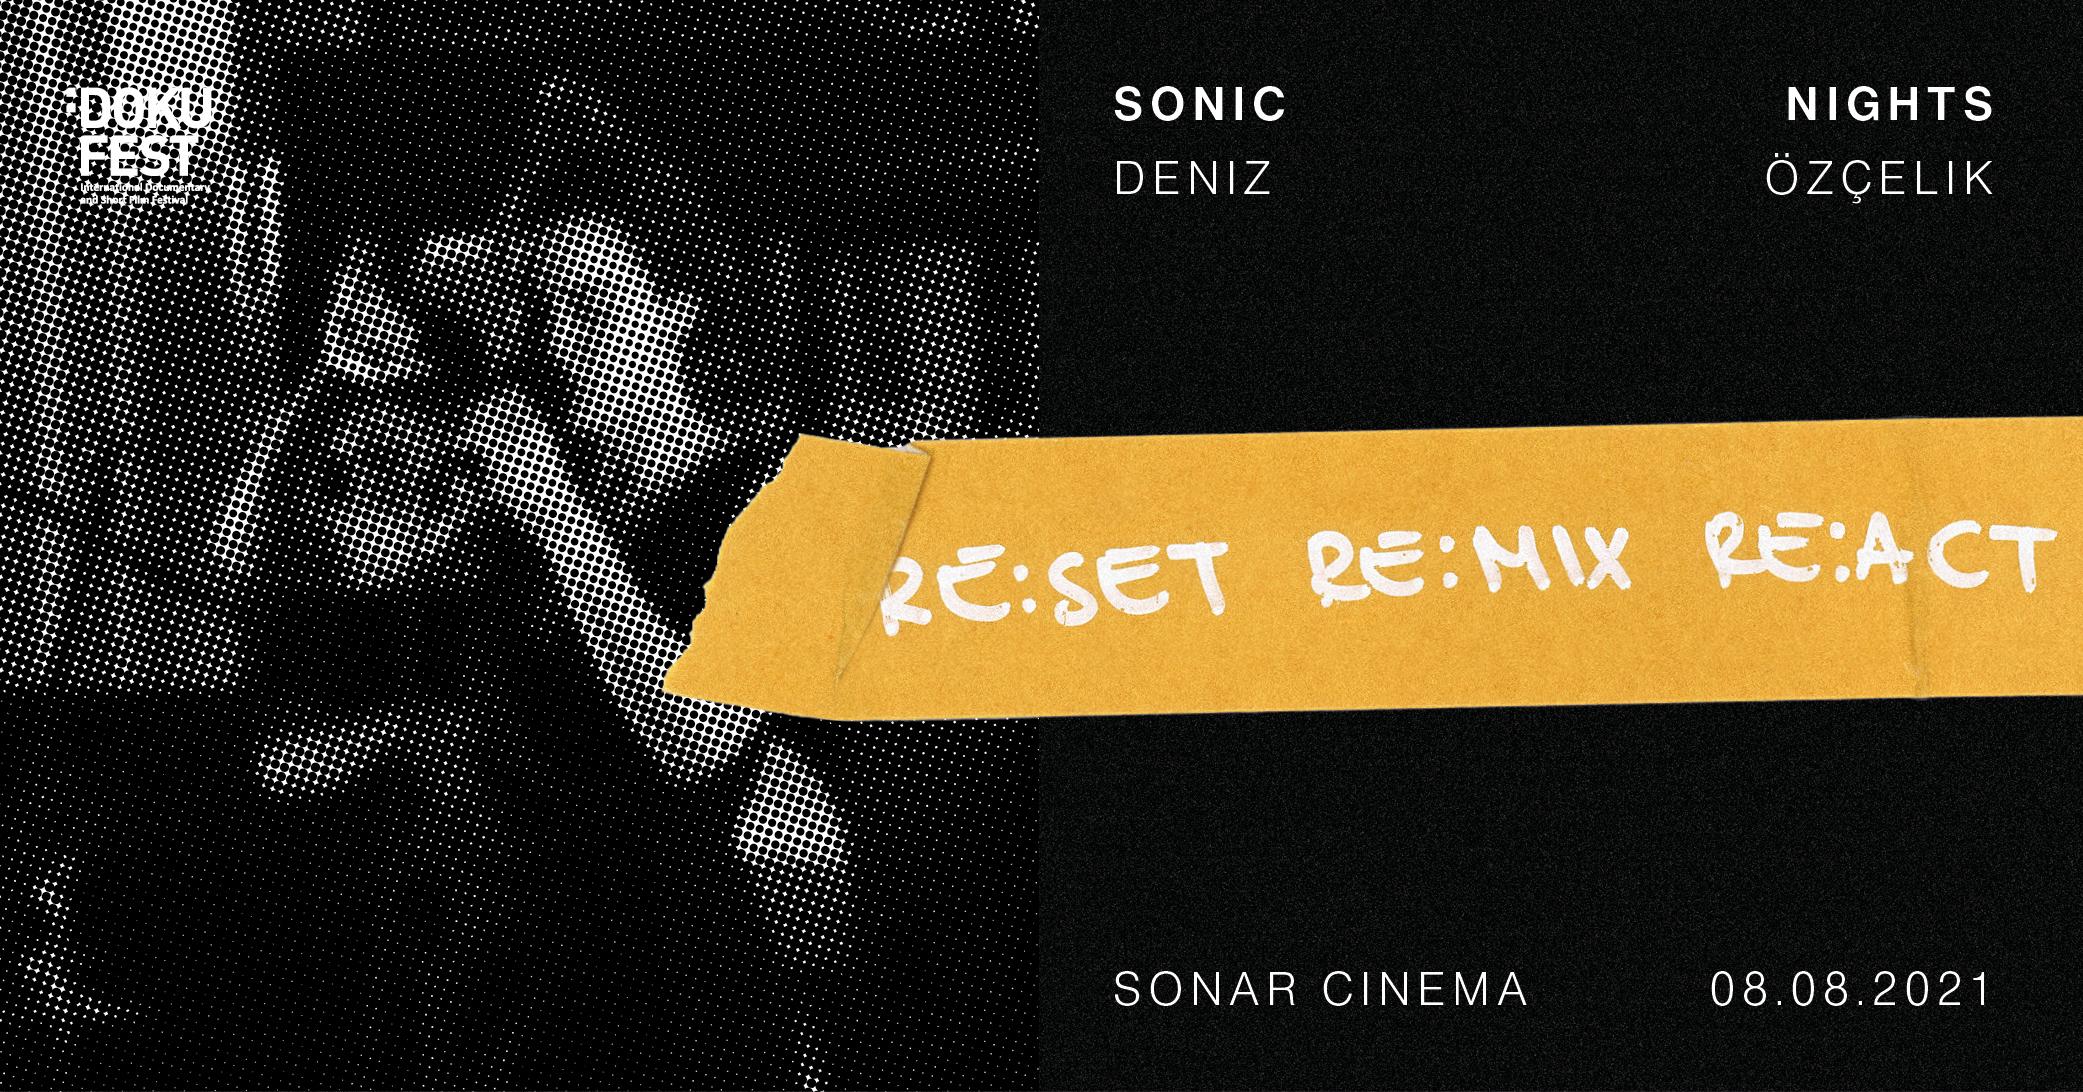 DENIZ ÖZÇELIK @SONIC NIGHTS